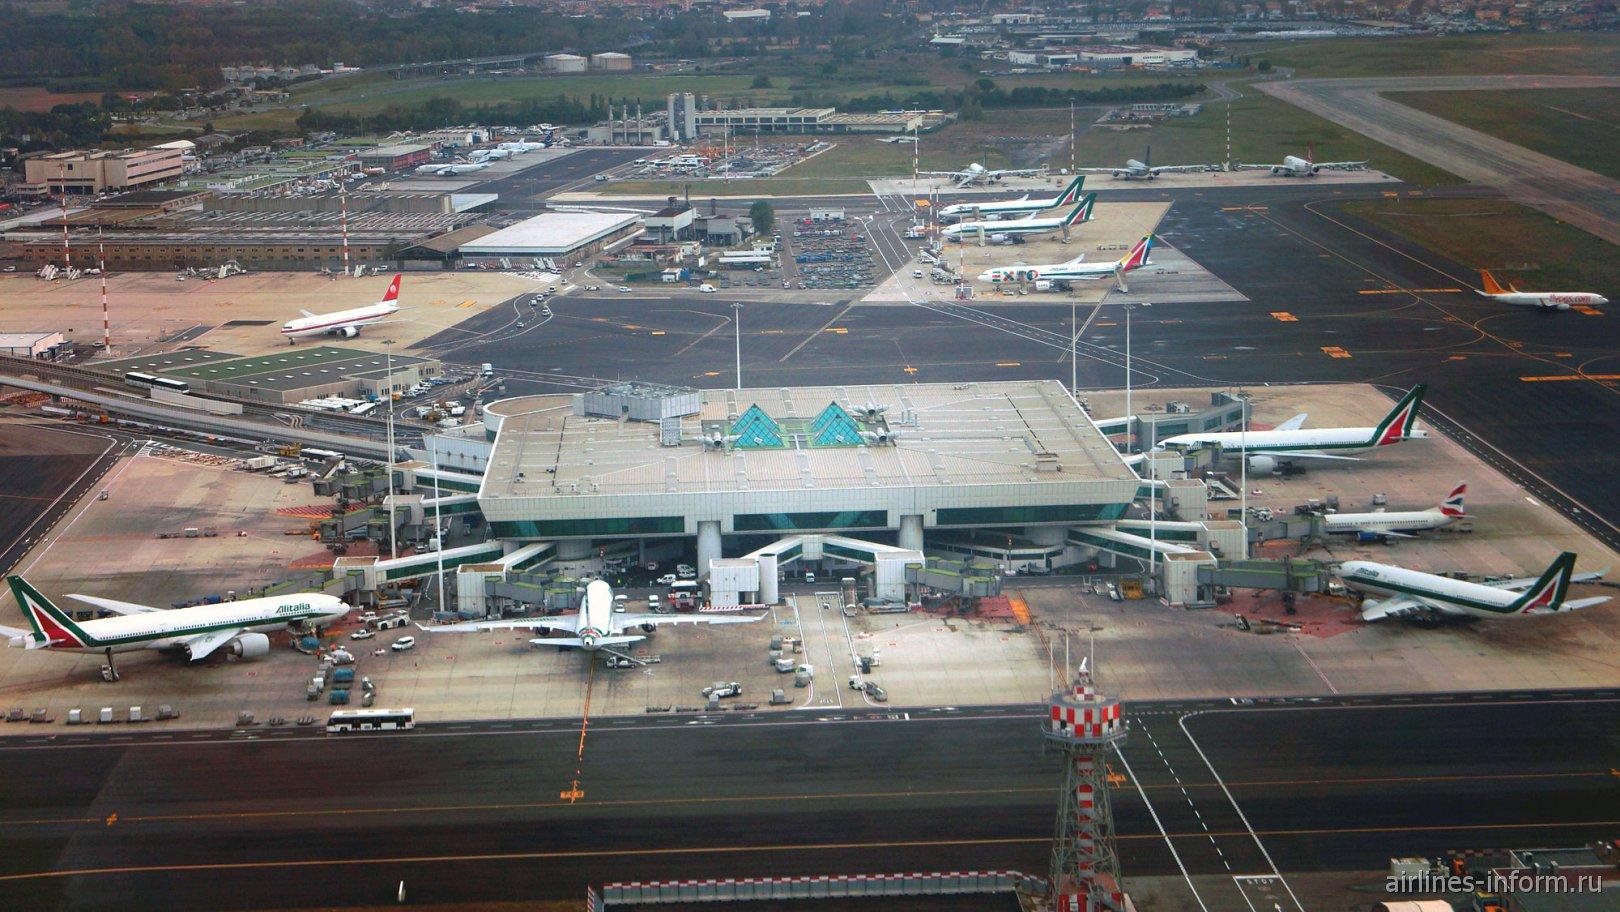 Взлет над аэропортом Рим Фьюмичино